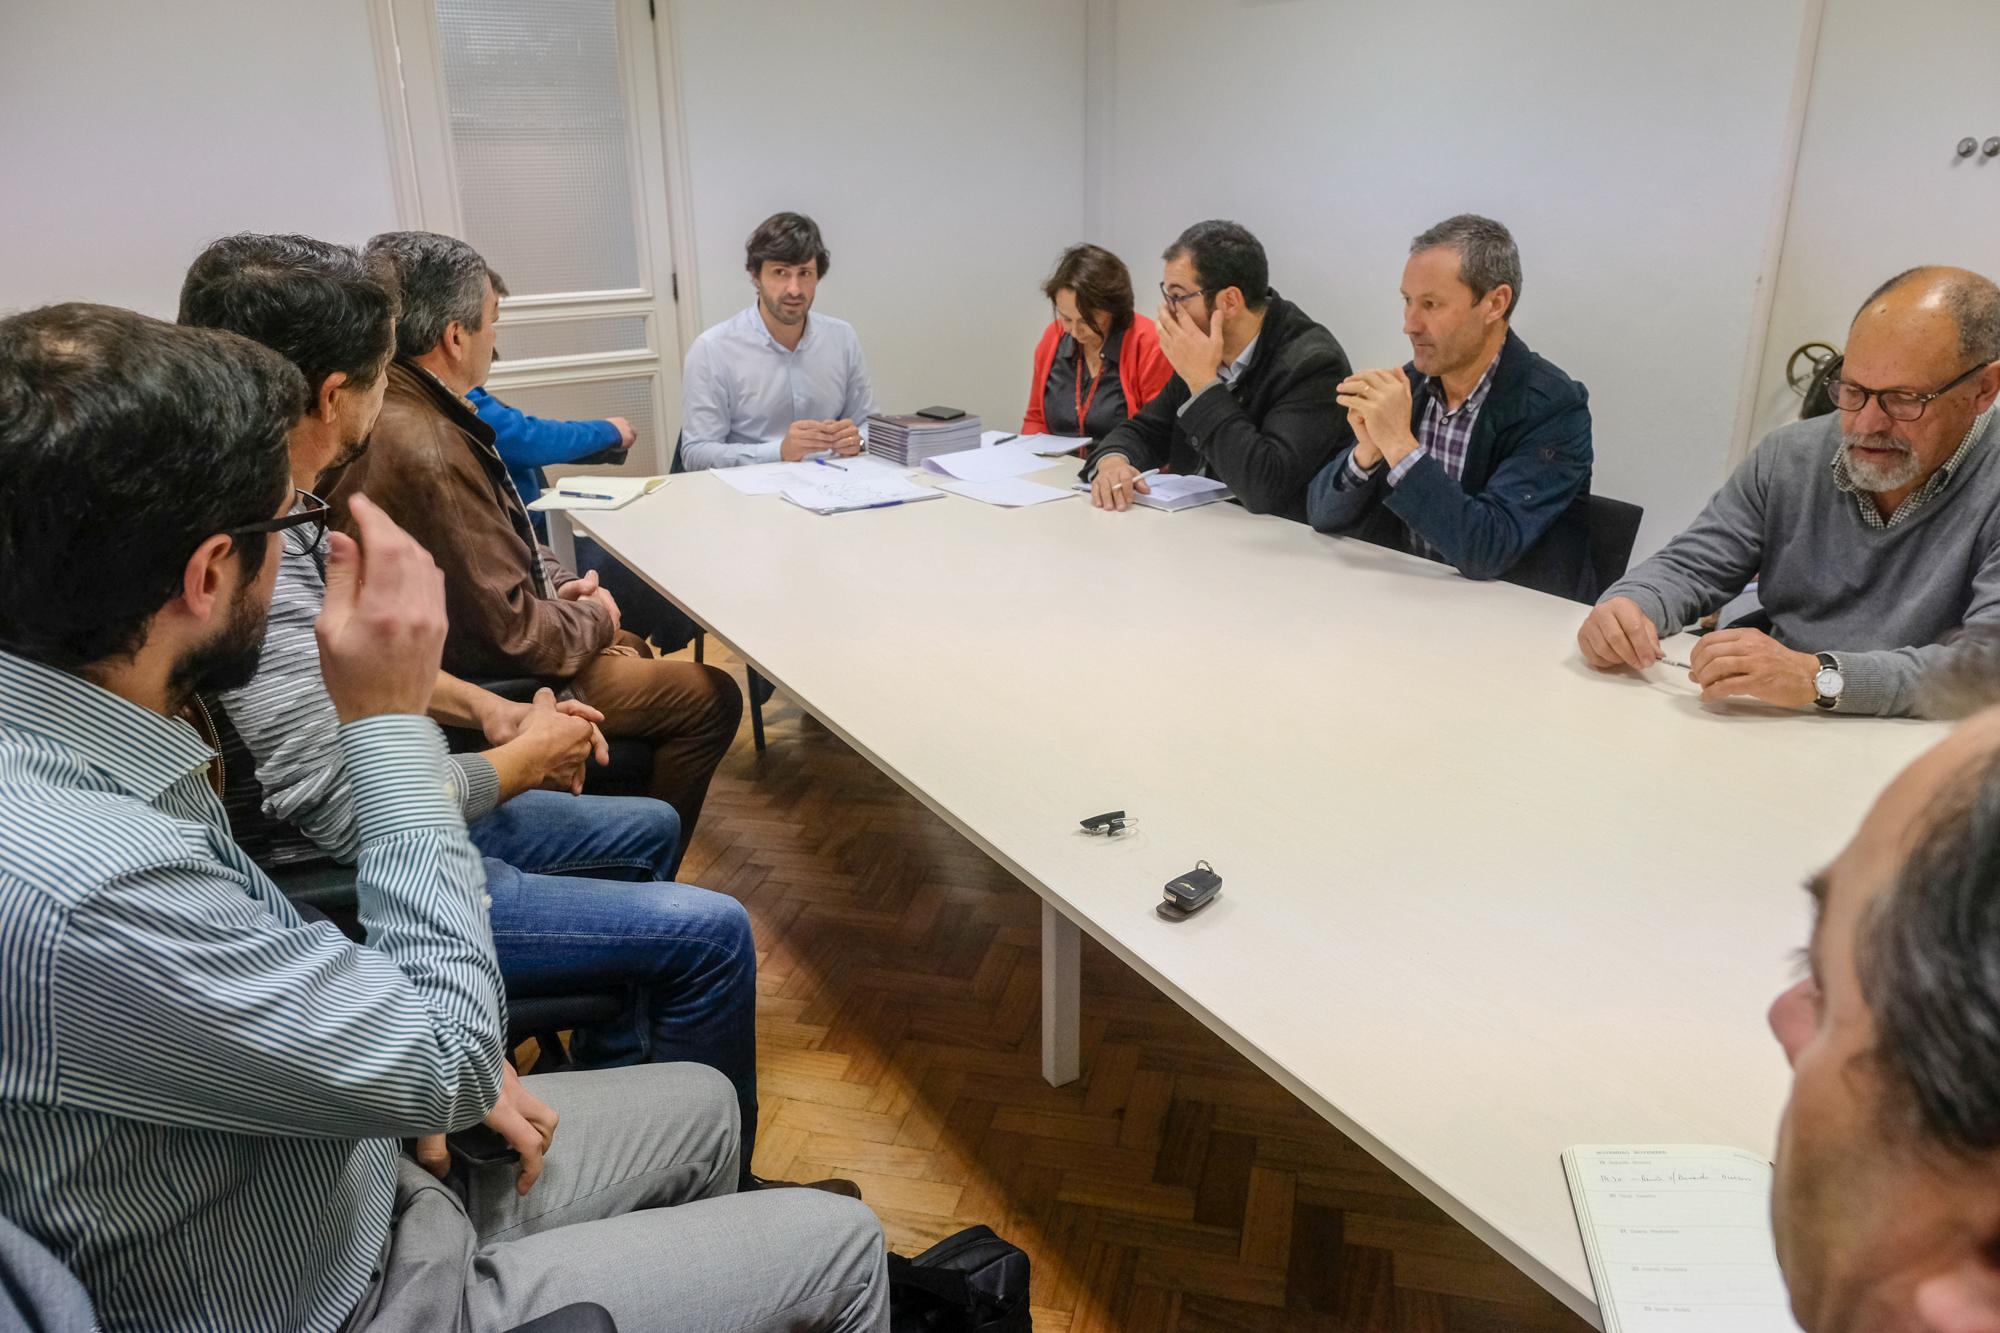 Câmara Municipal promove reuniões para estabelecer rede de proximidade entre baldios do concelho